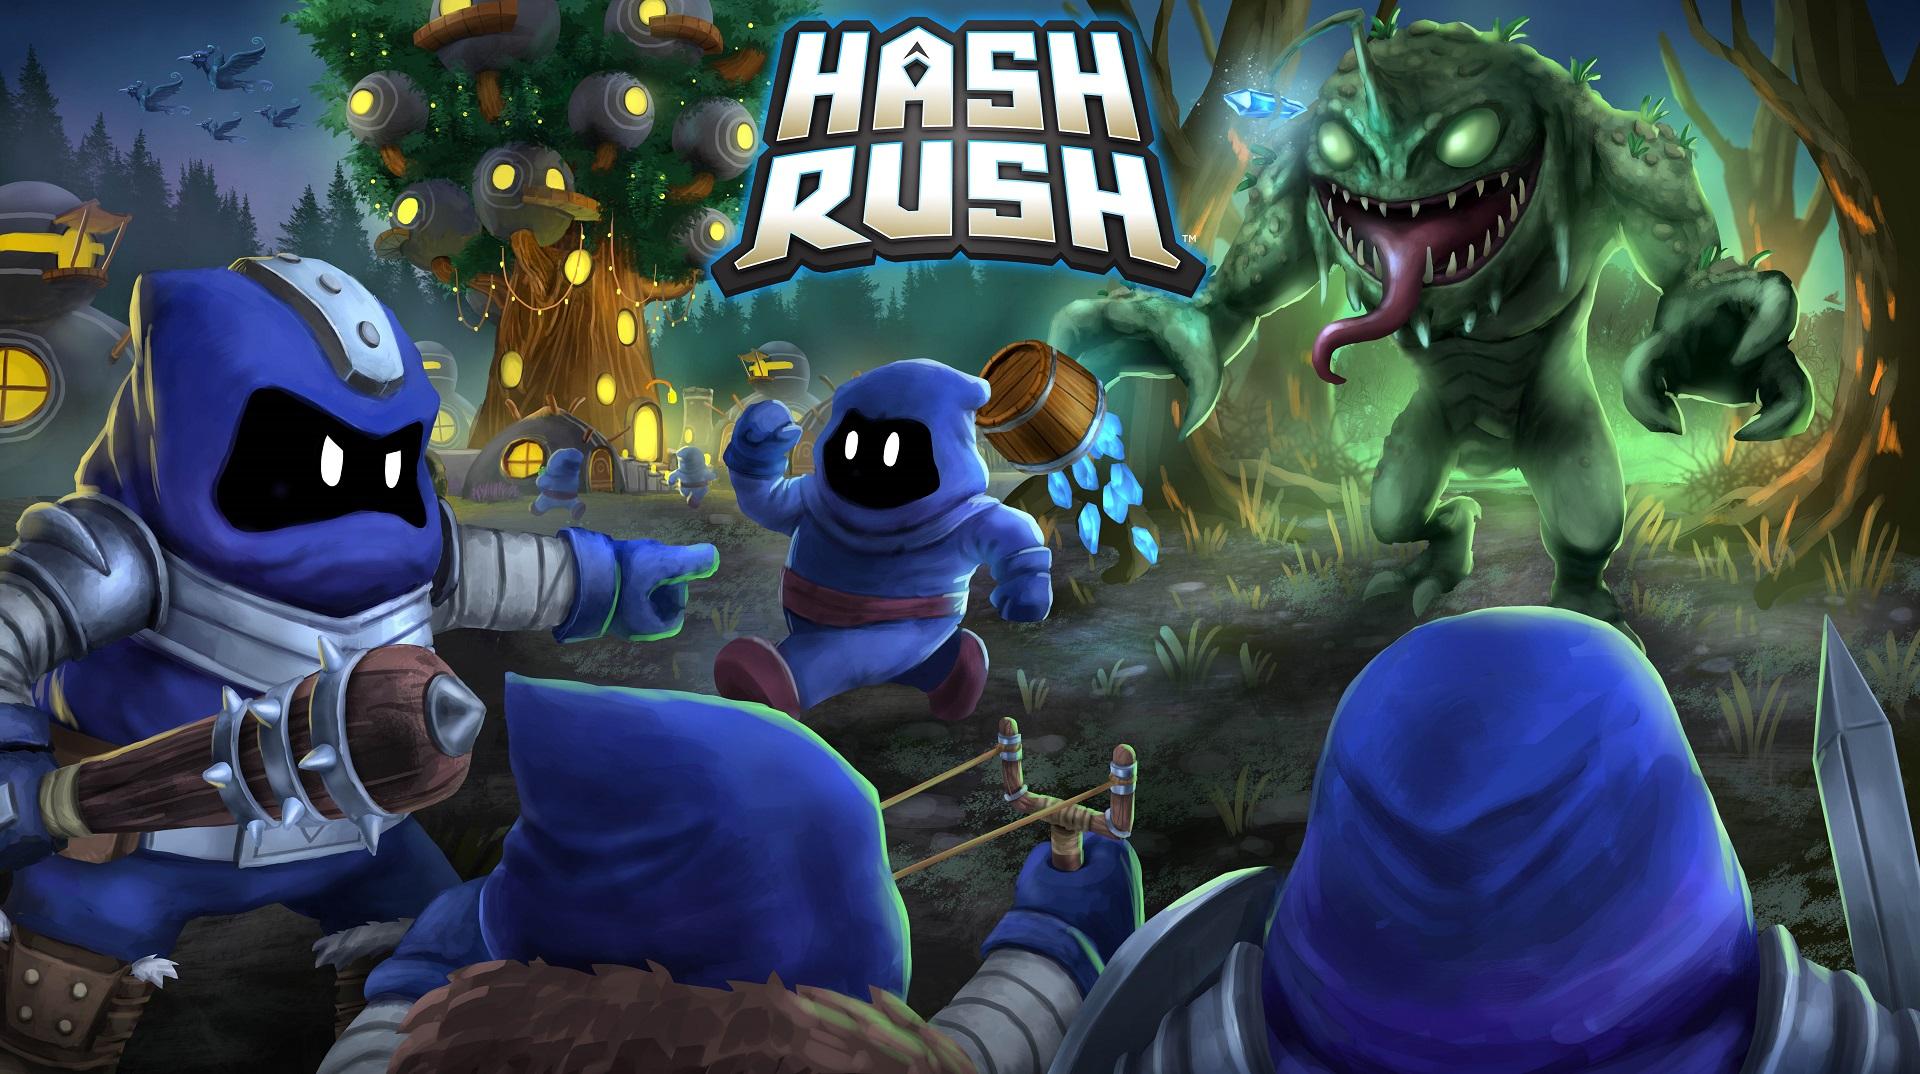 بازی Hash Rush